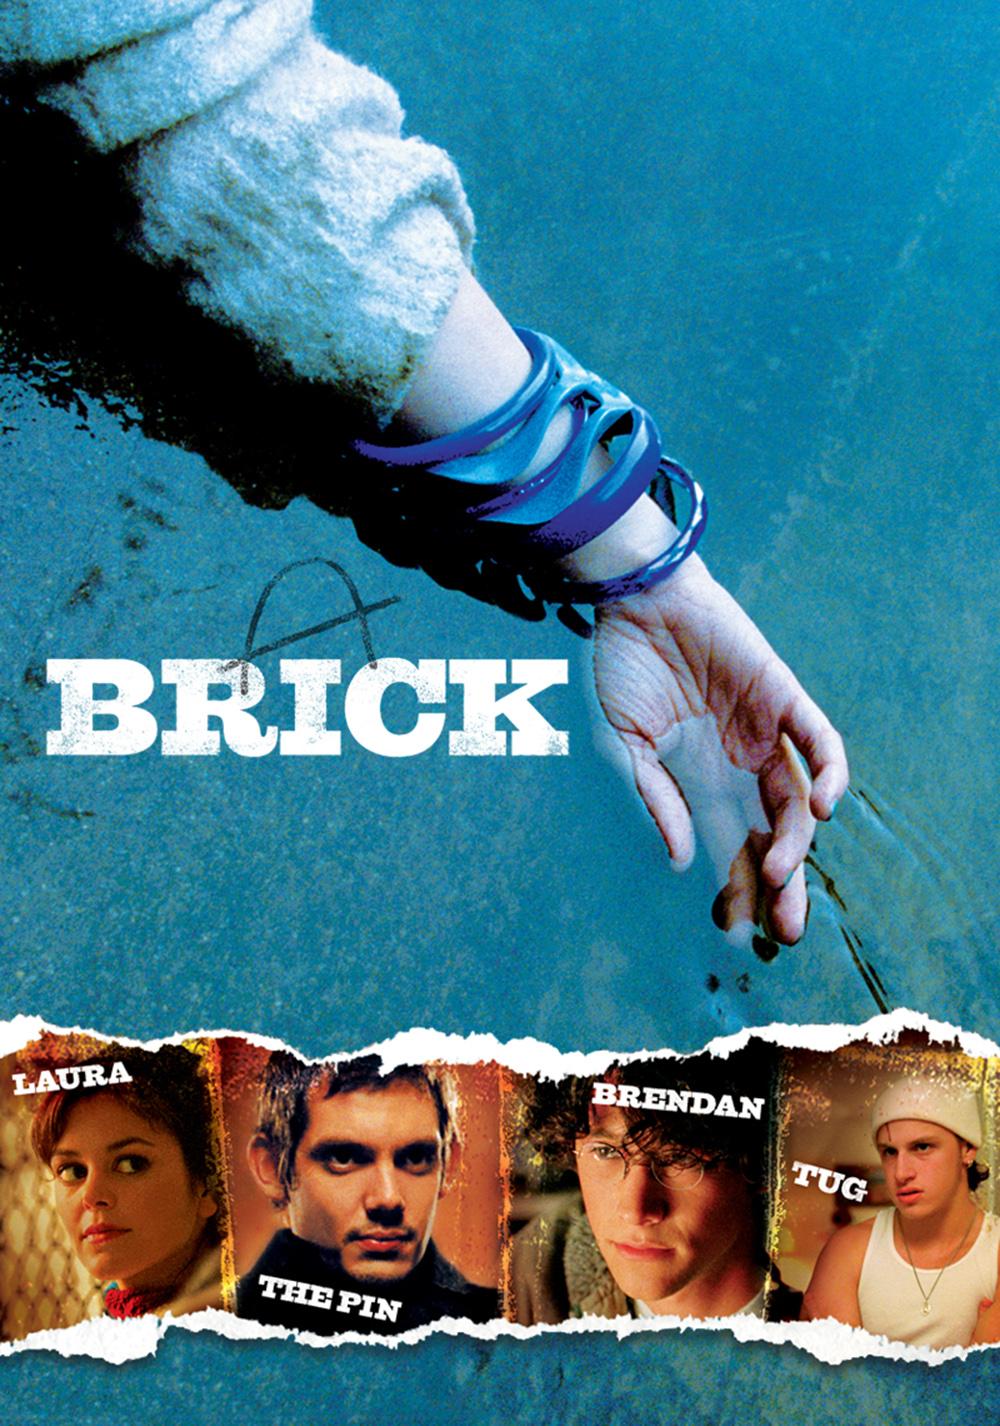 brick-52e8105c70c98